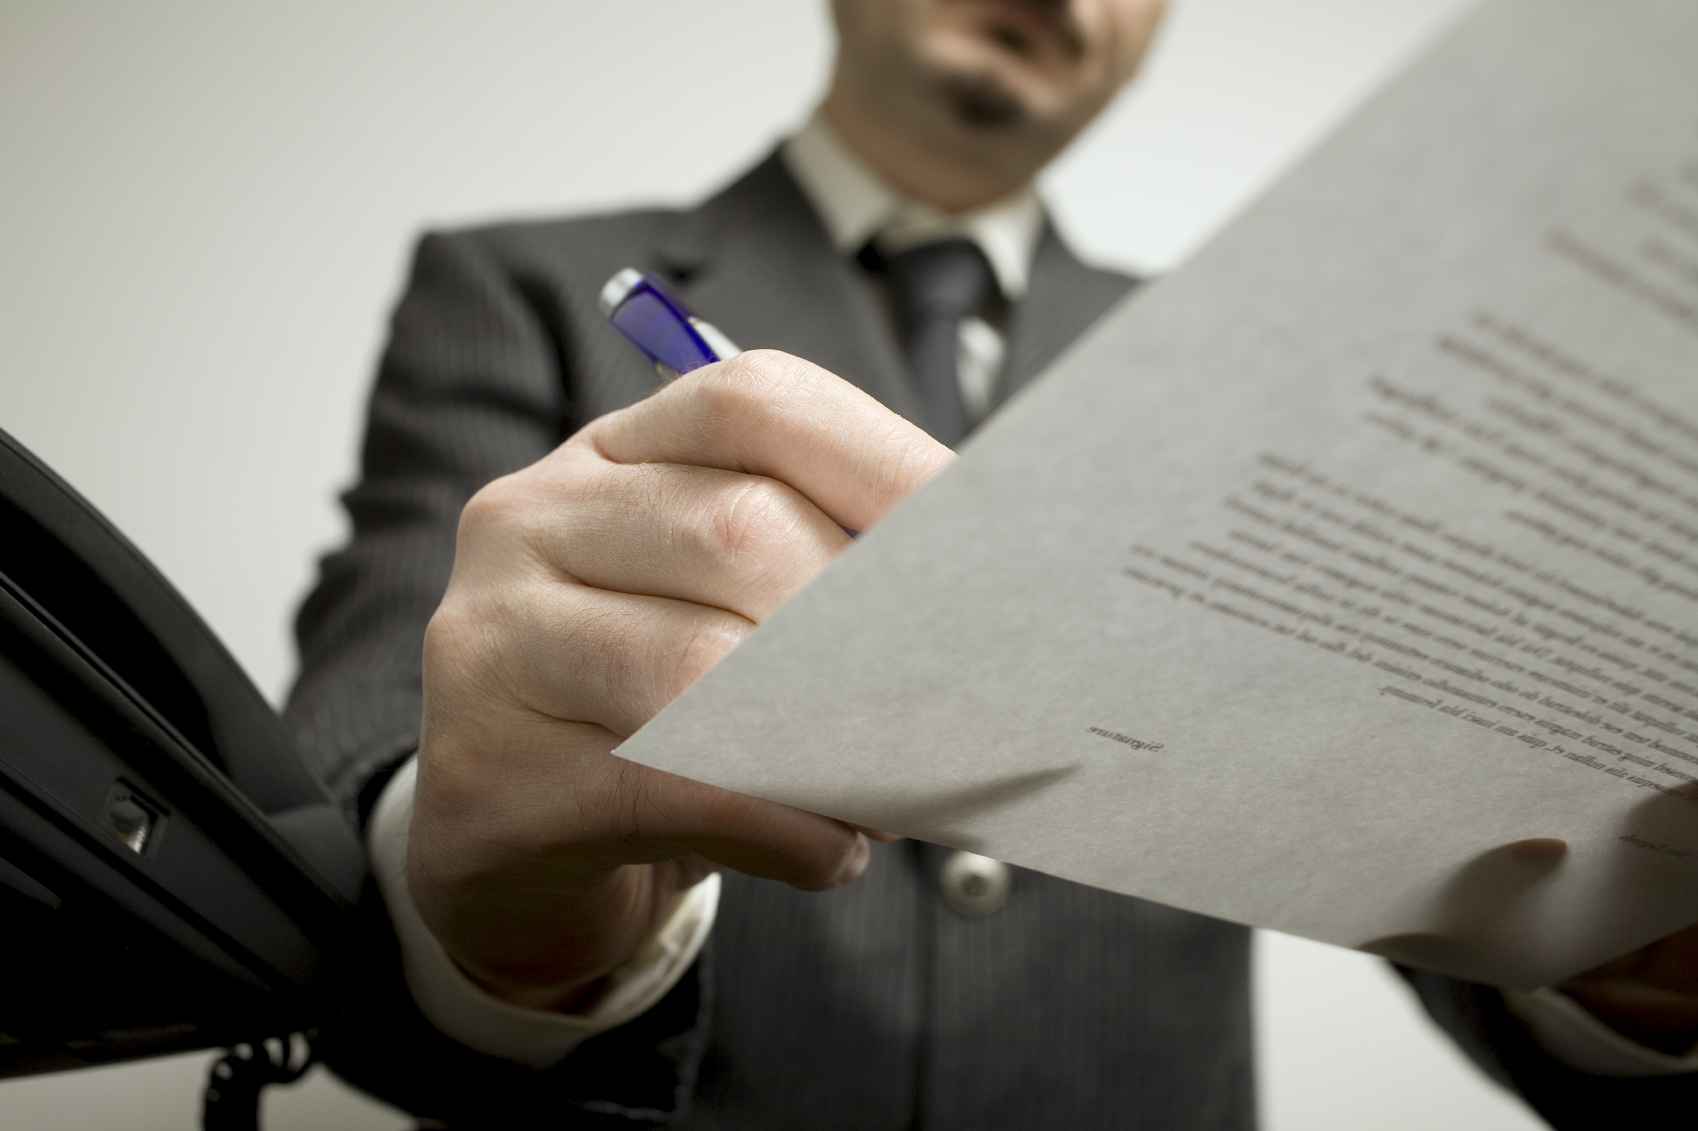 Обращение к нотариусу - спасение для сделок с купле-продажей авто